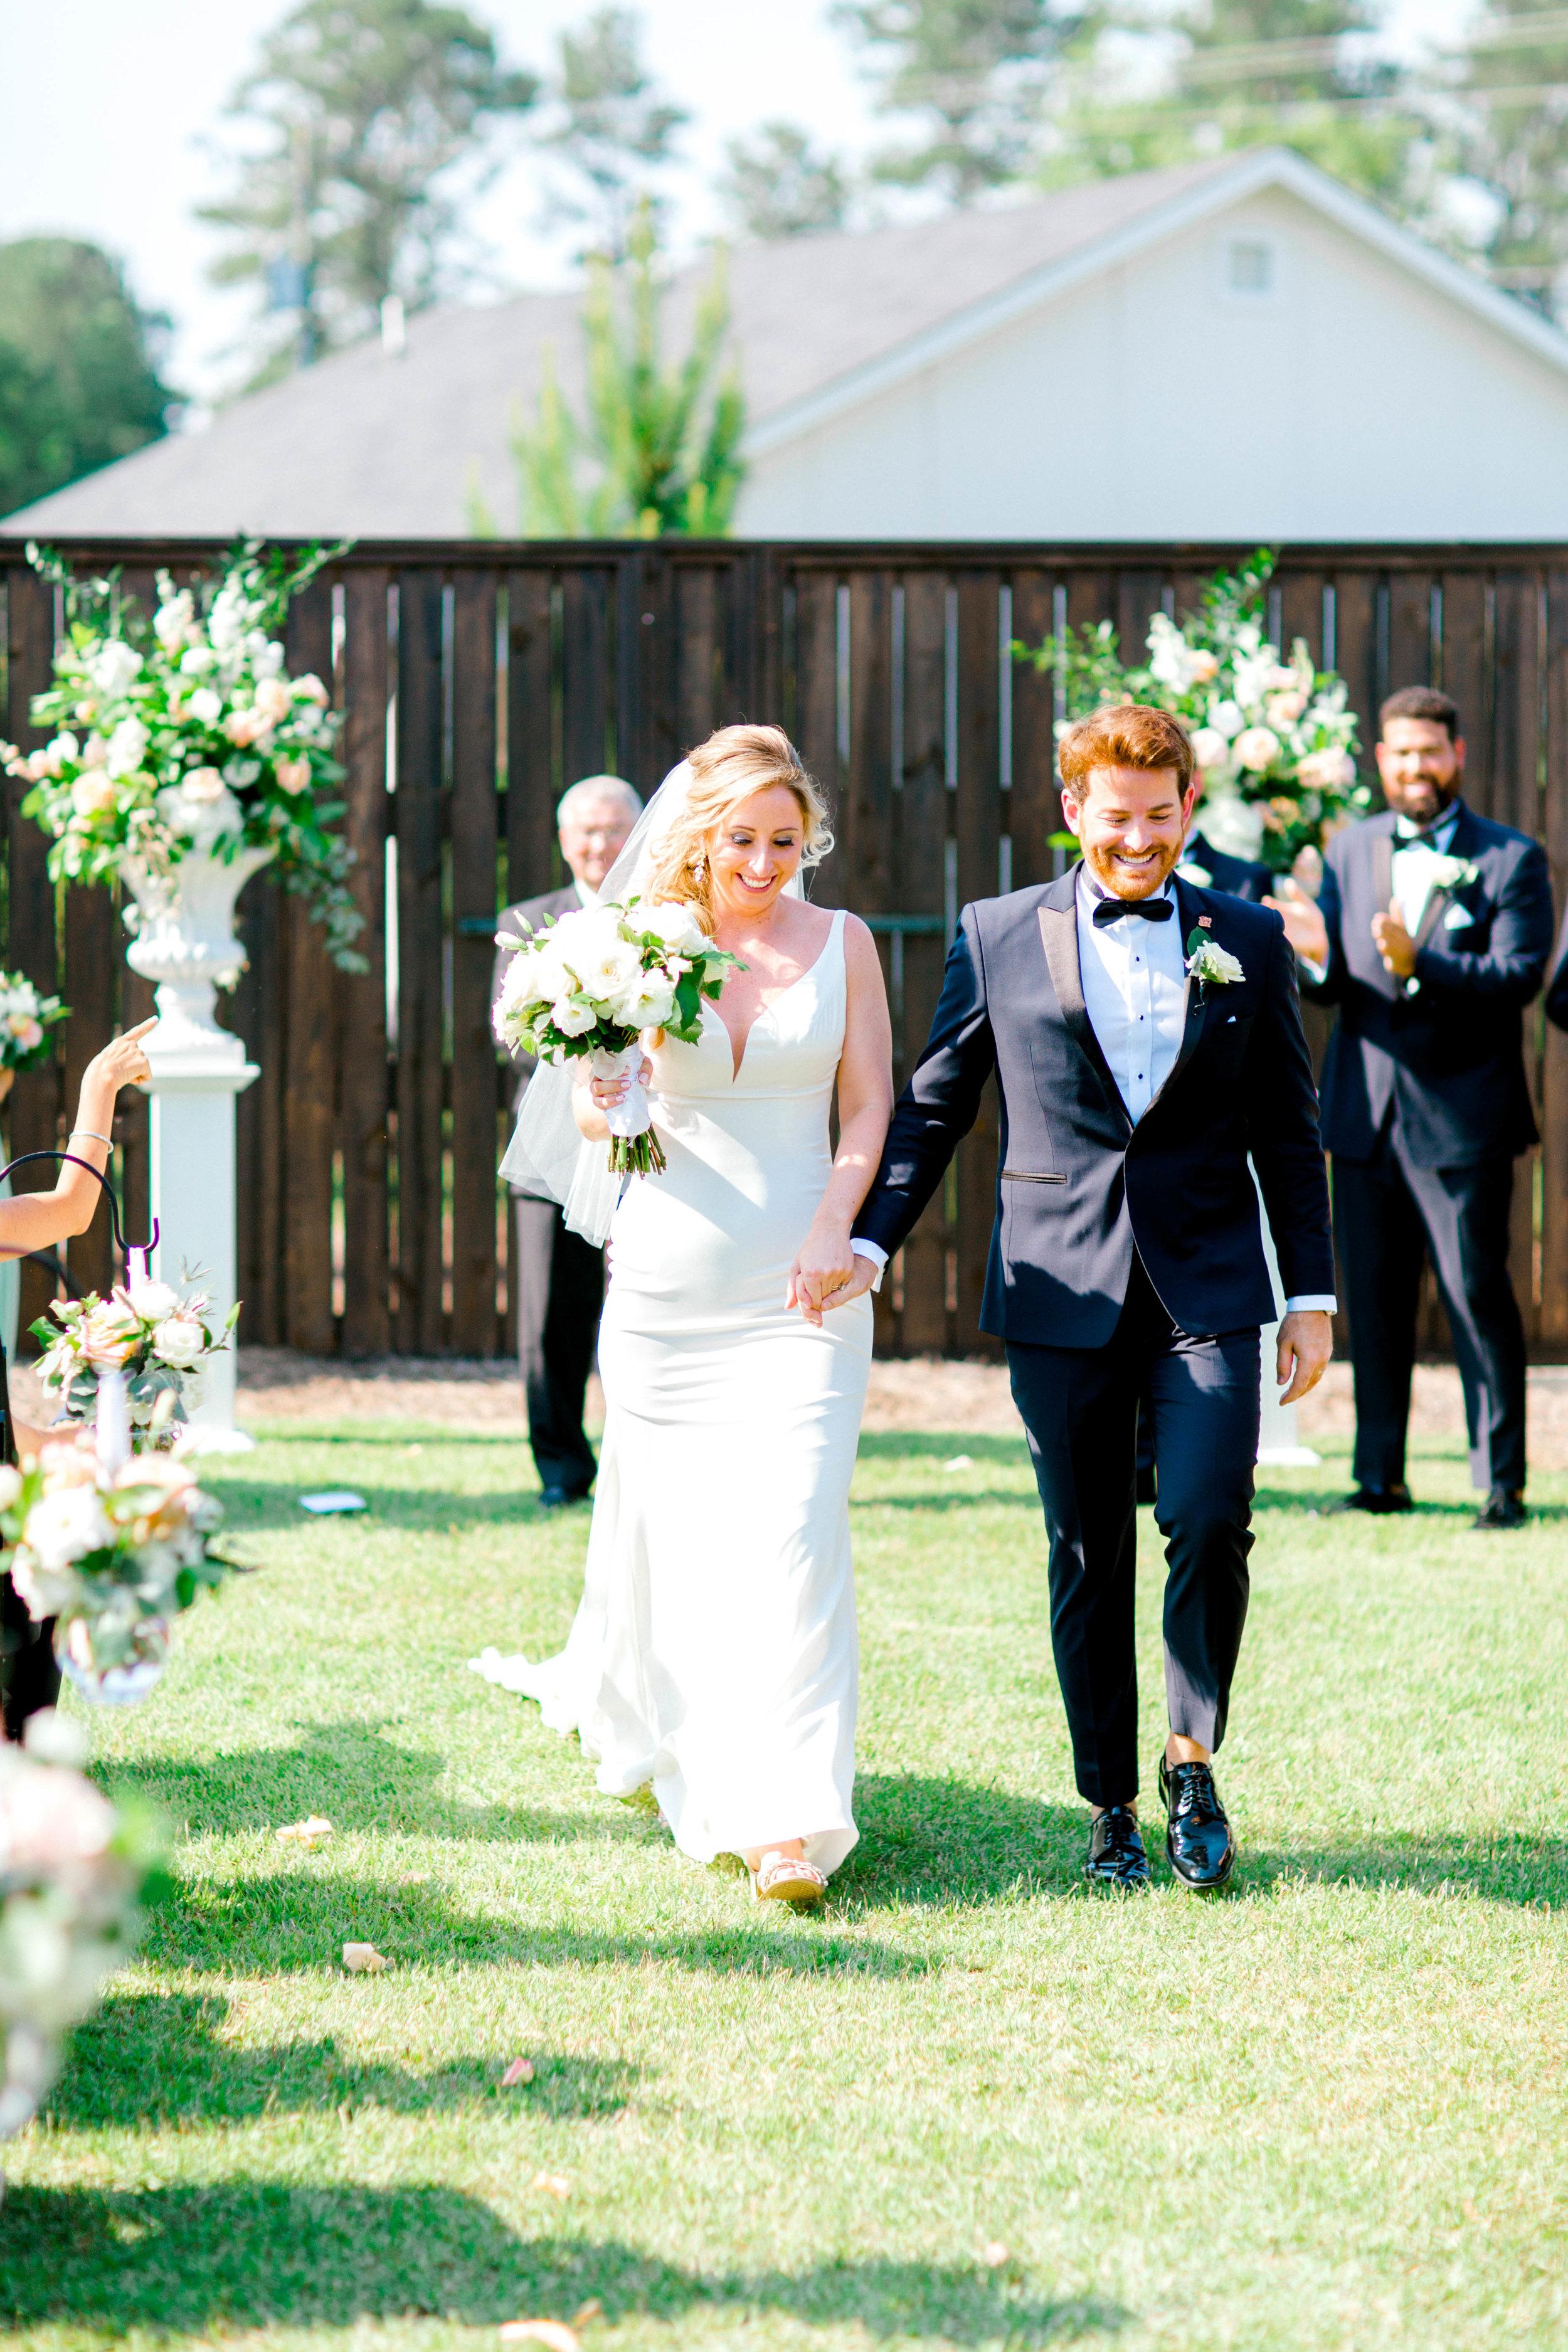 Ceremony_HilaryJaredWedding-114.jpg